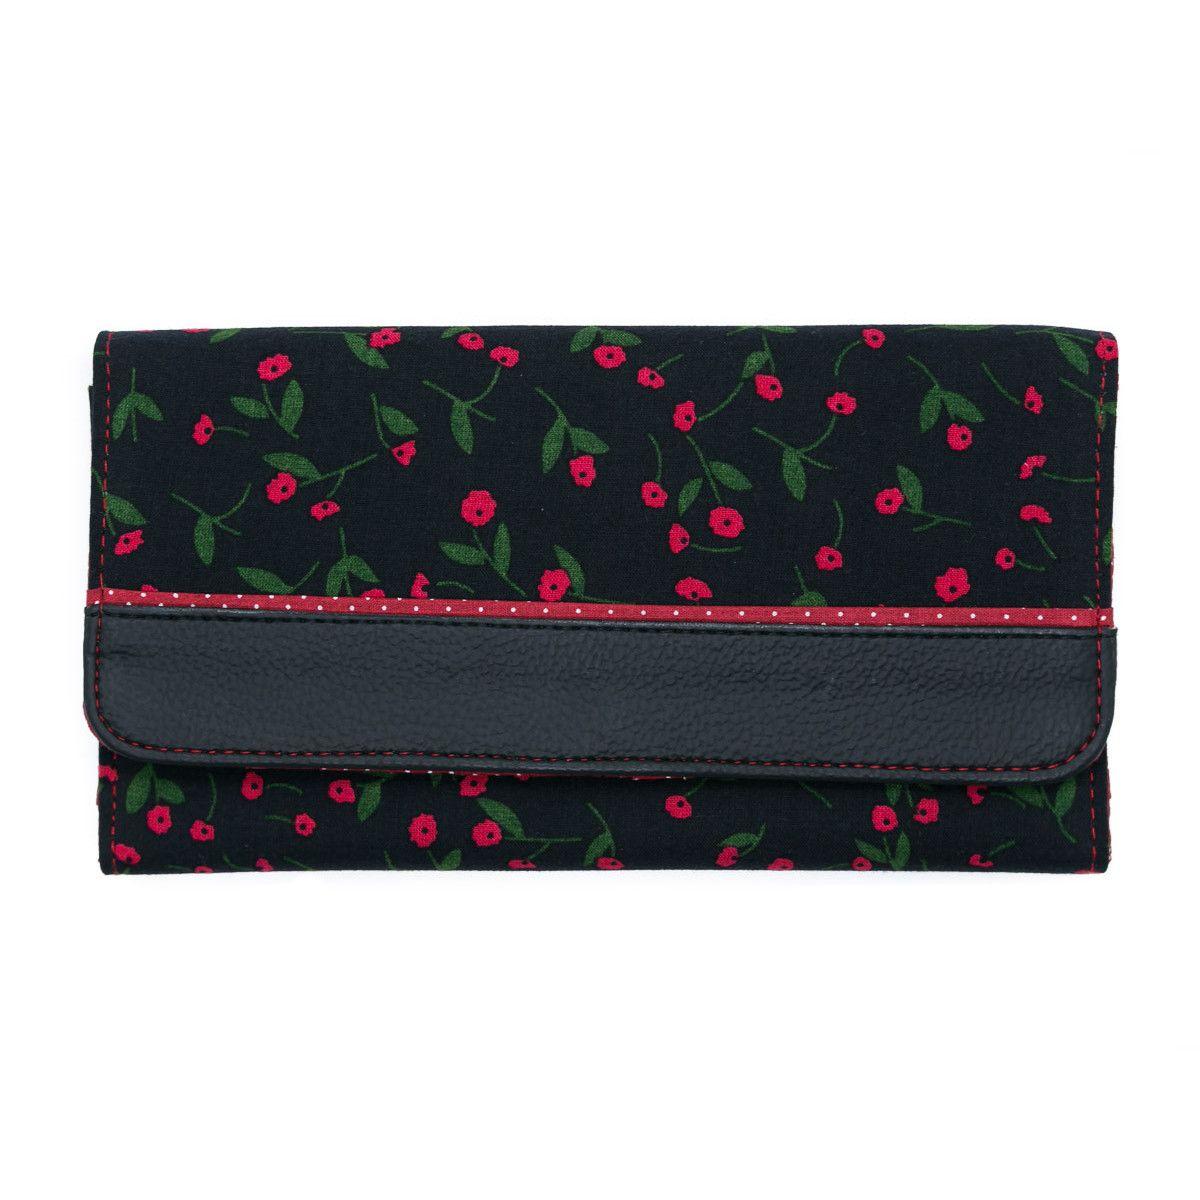 Portefeuille compagnon tout-en-un original noir et rouge à petites fleurs